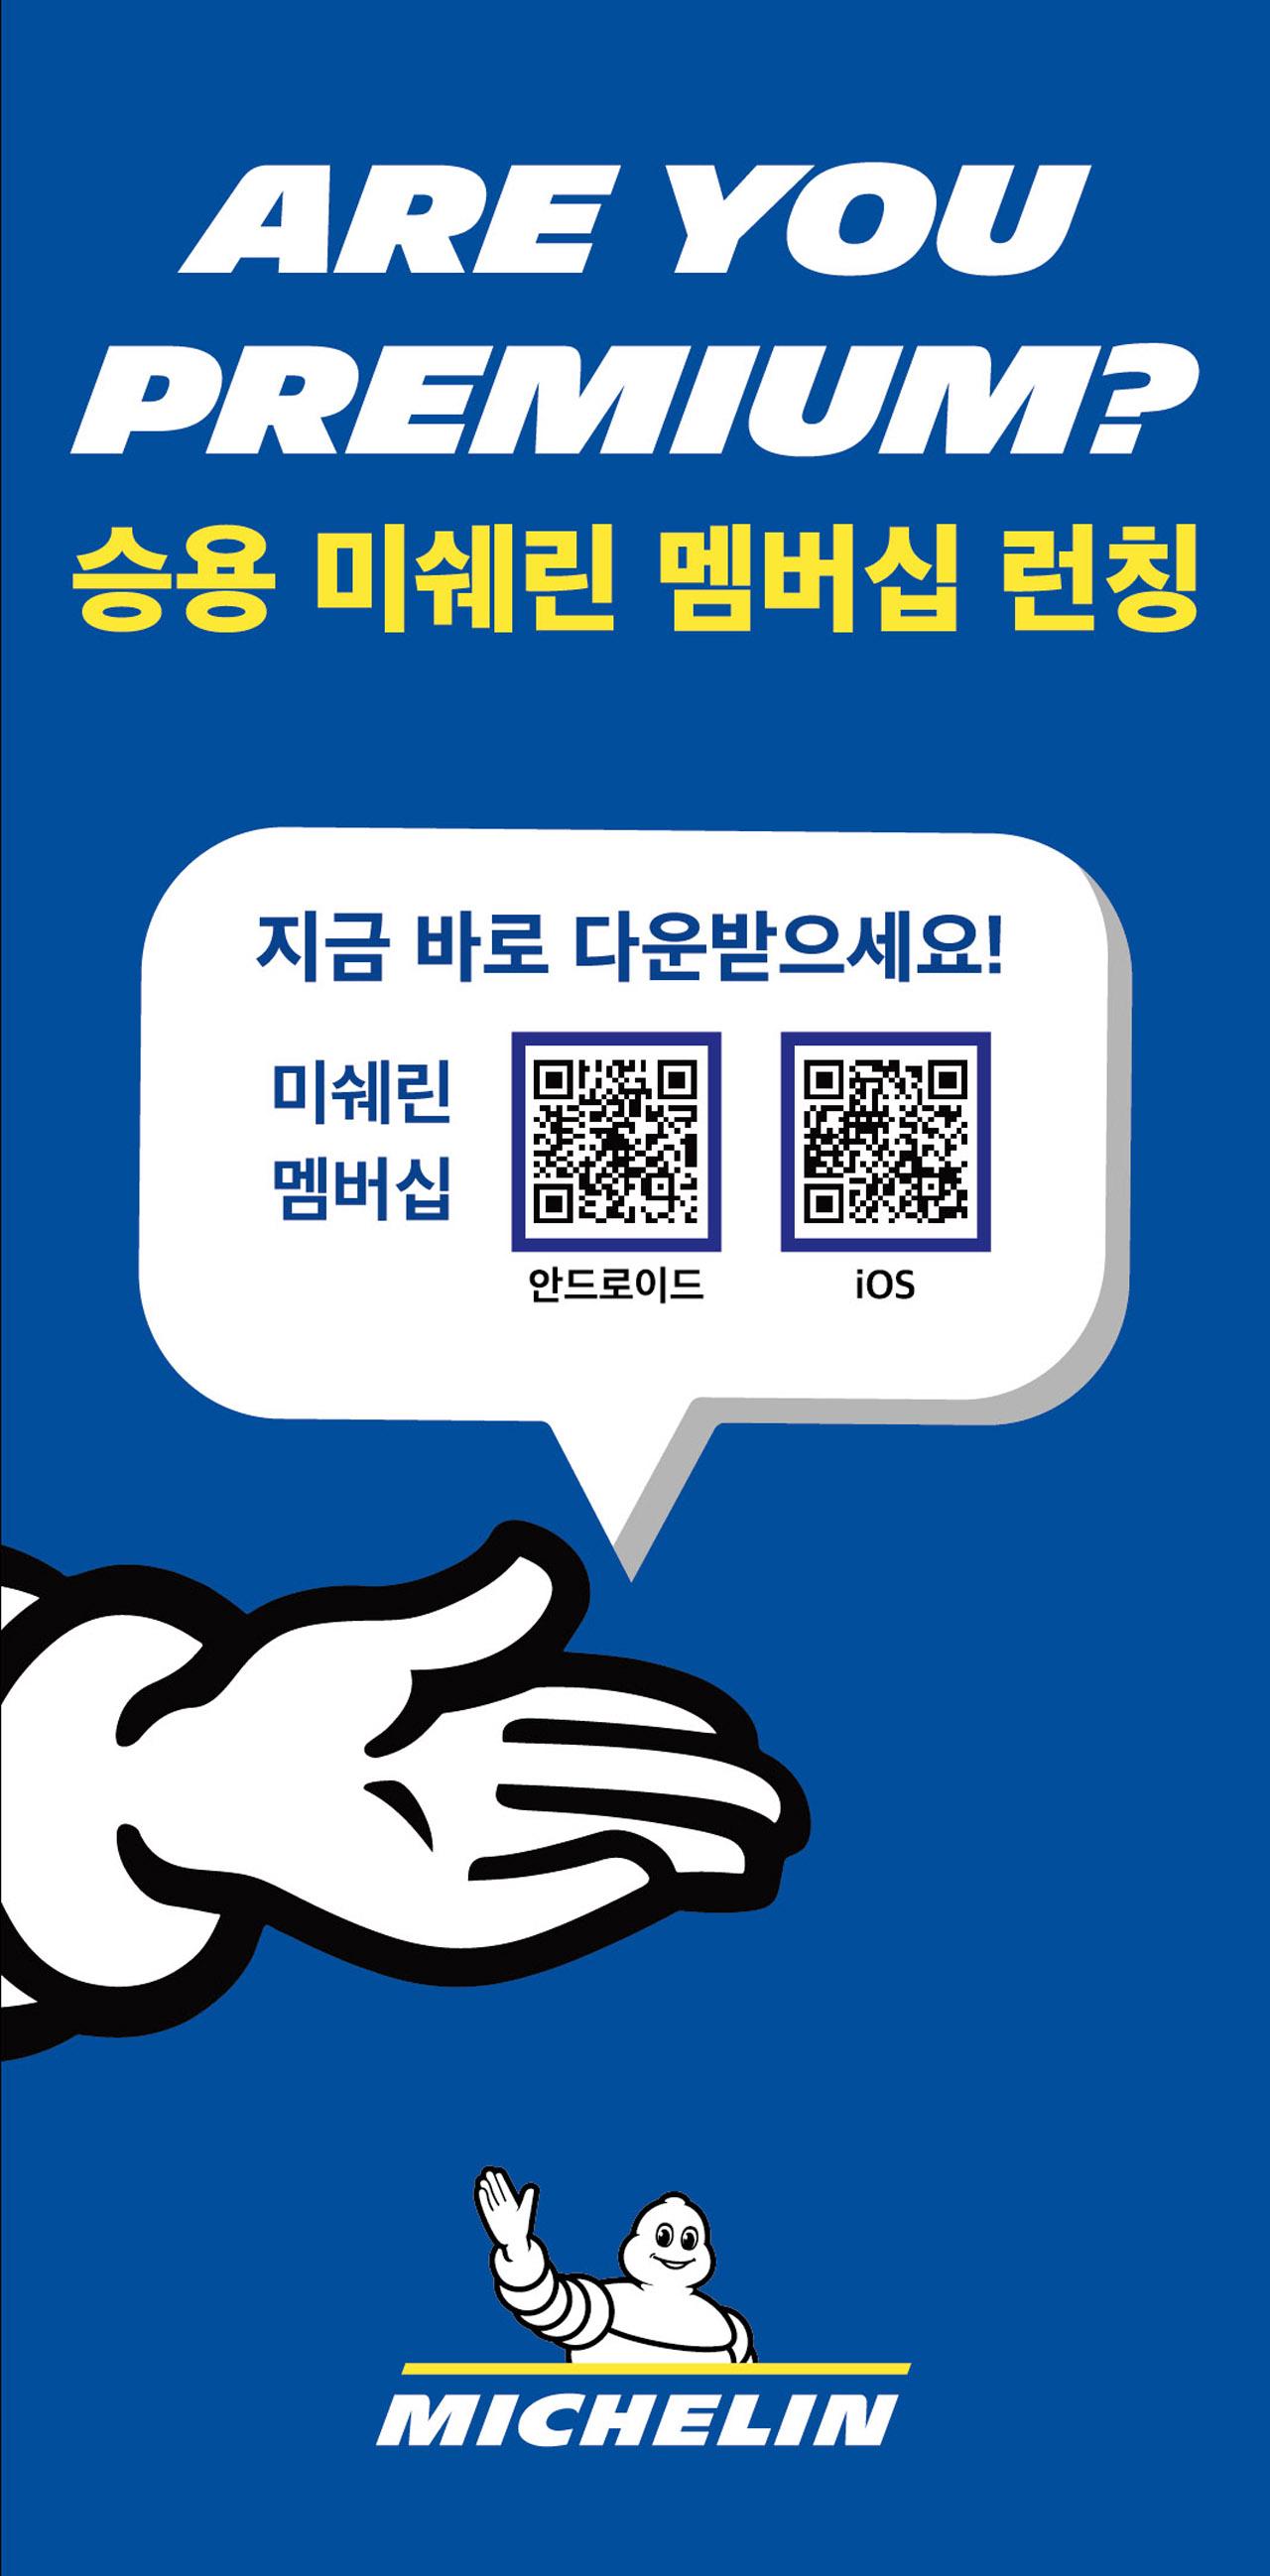 [이미지1] 승용 미쉐린 멤버십 런칭